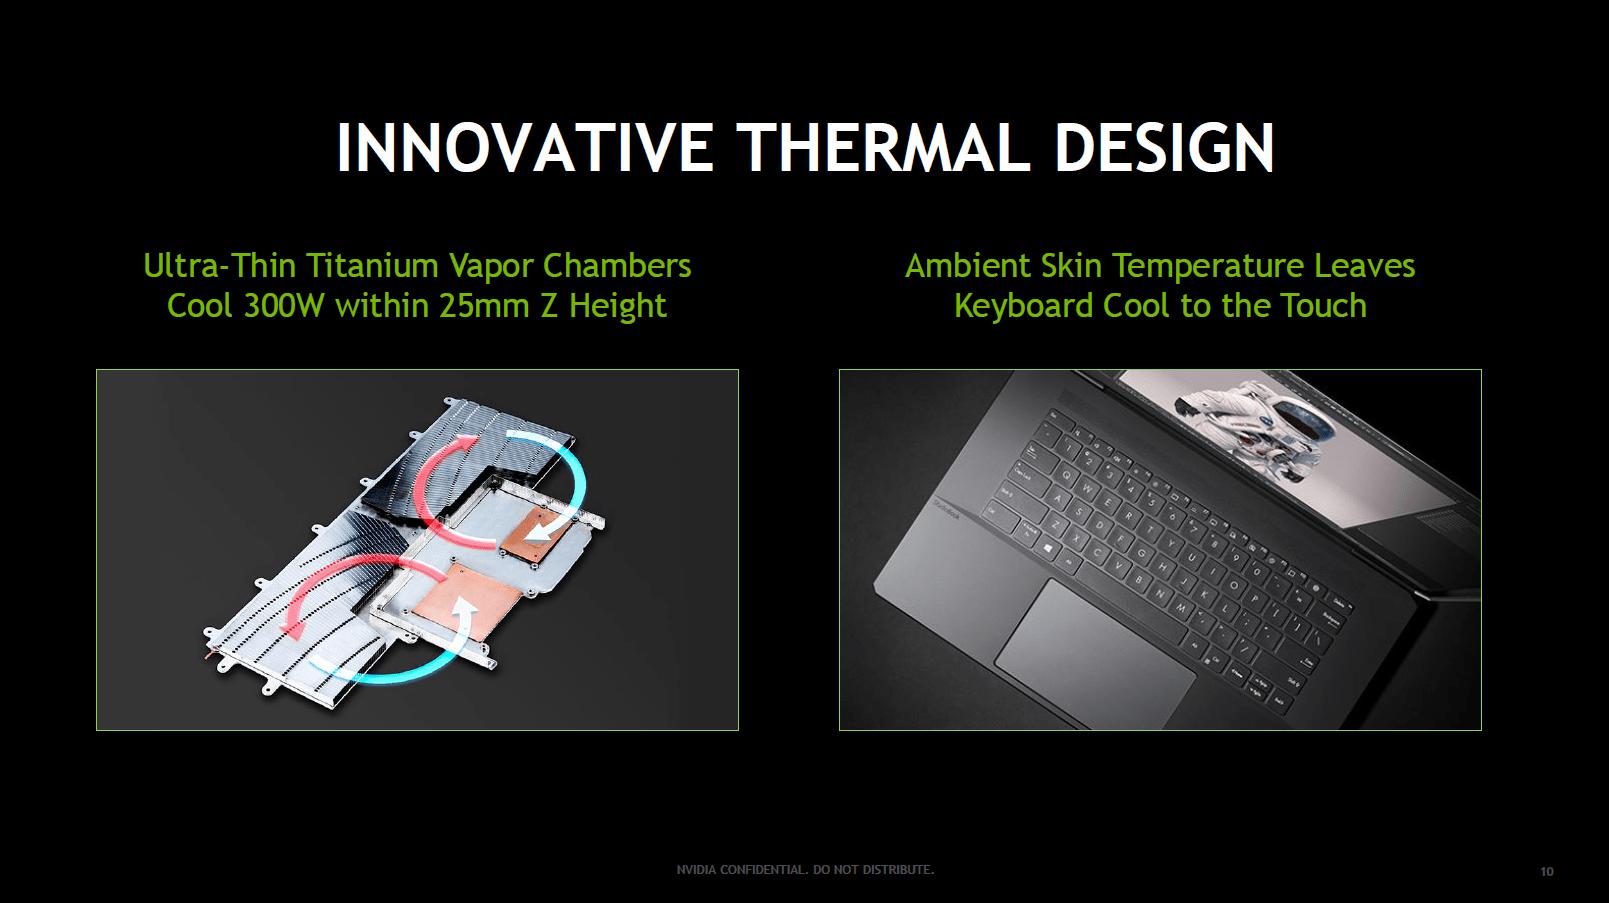 Ausstattung mit angepasster Kühlung